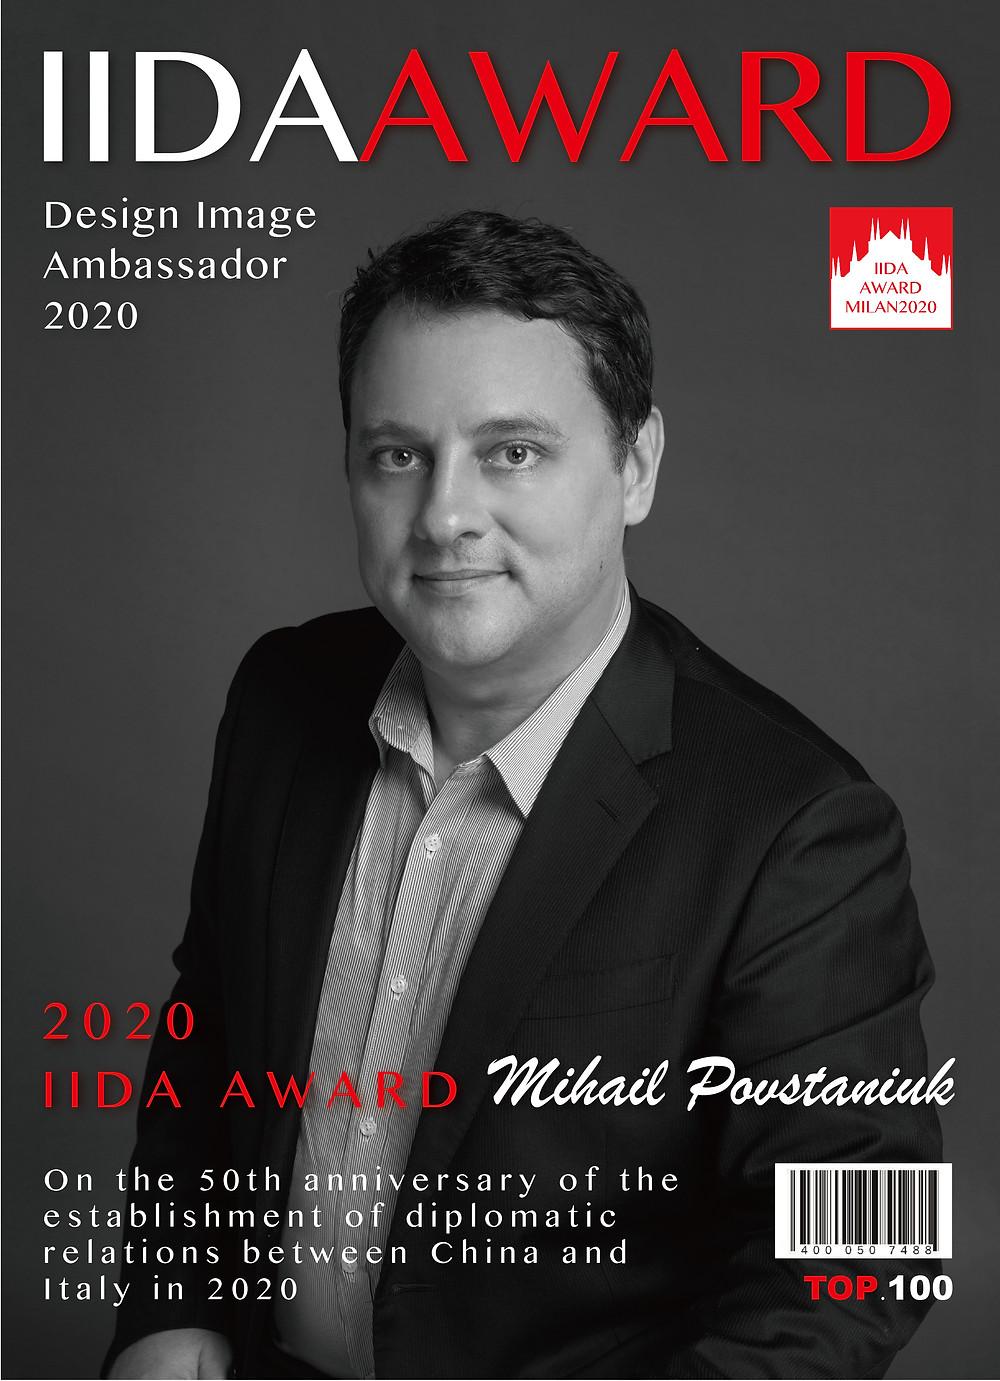 Архитектор Михаил Повстанюк. Интернациональная награда 2020